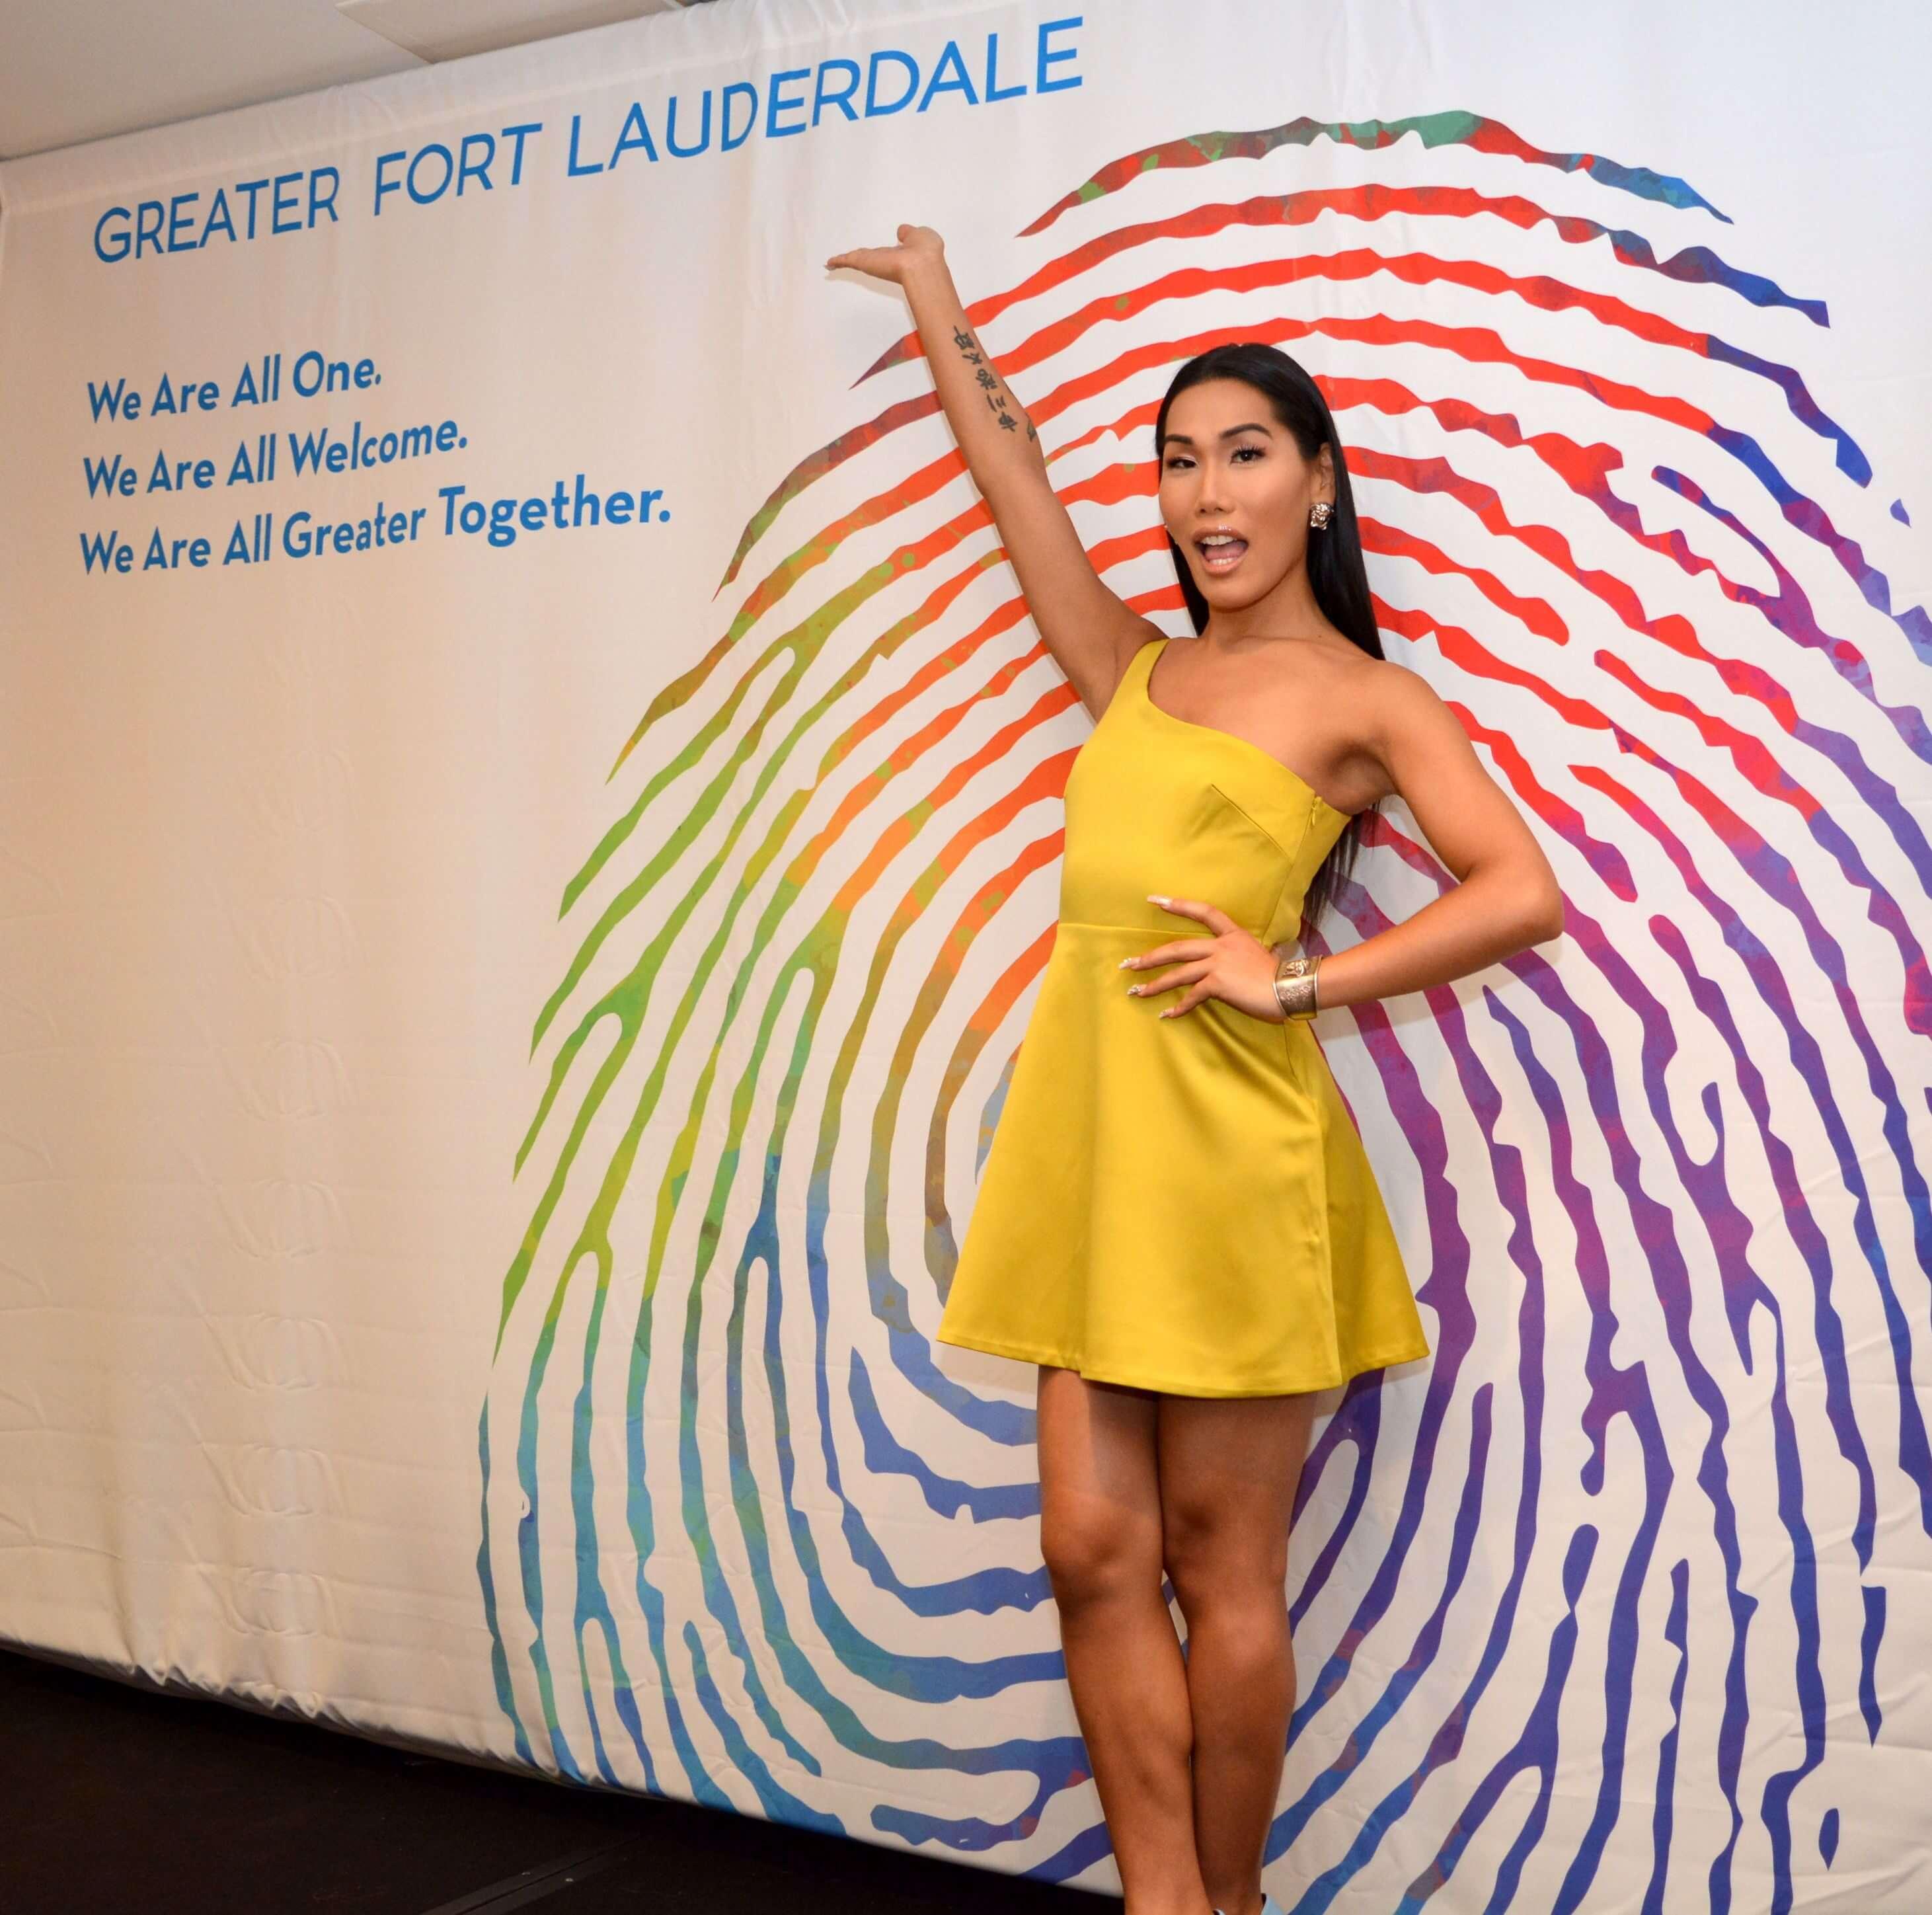 Greater Fort Lauderdale set for Southern Comfort Transgender Conference